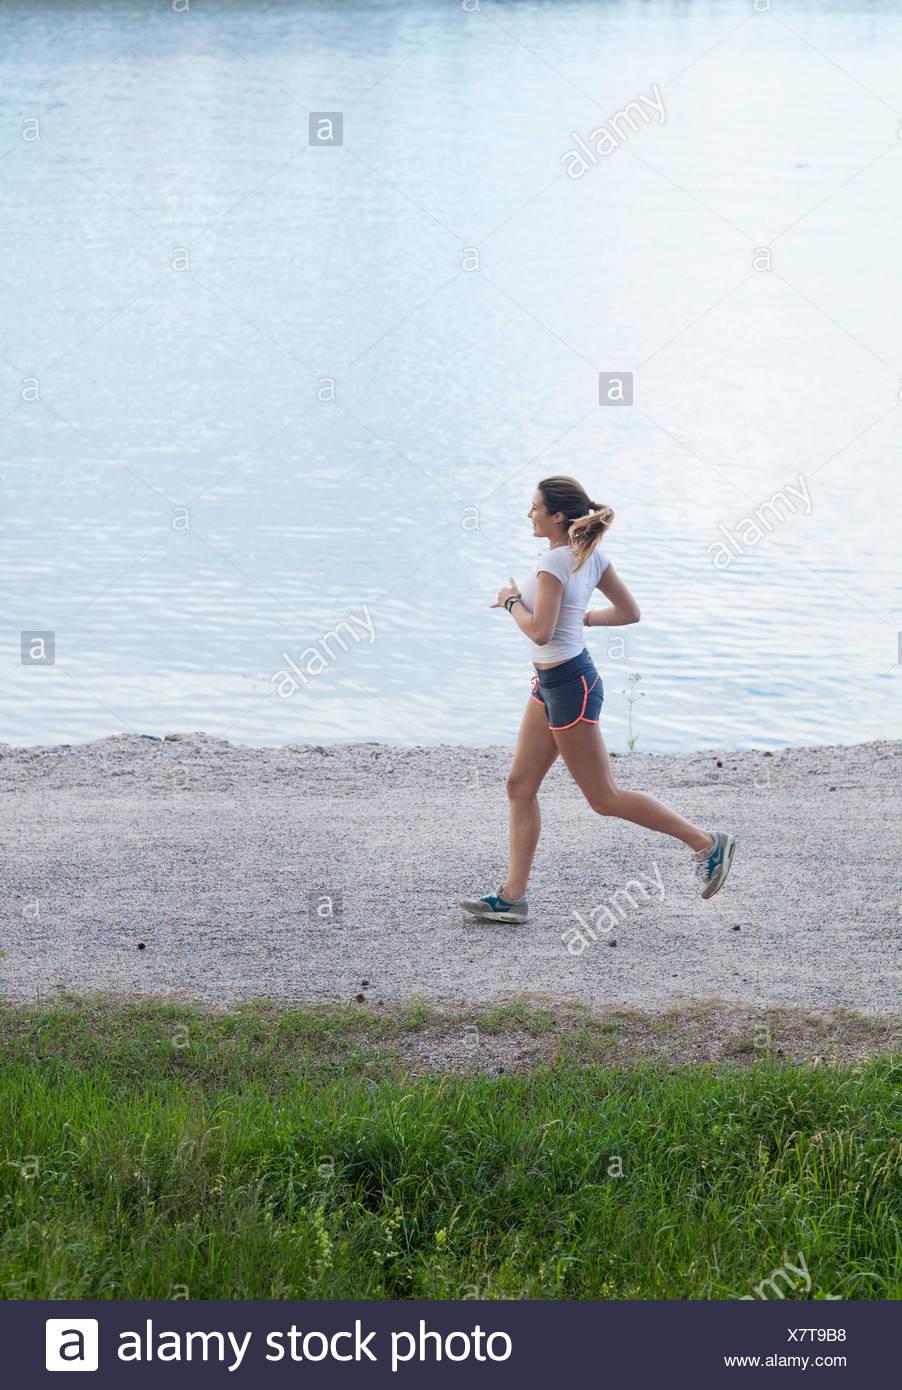 Finland, Uusimaa, Espoo, Teenage girl (16-17) jogging along lakeshore - Stock Image